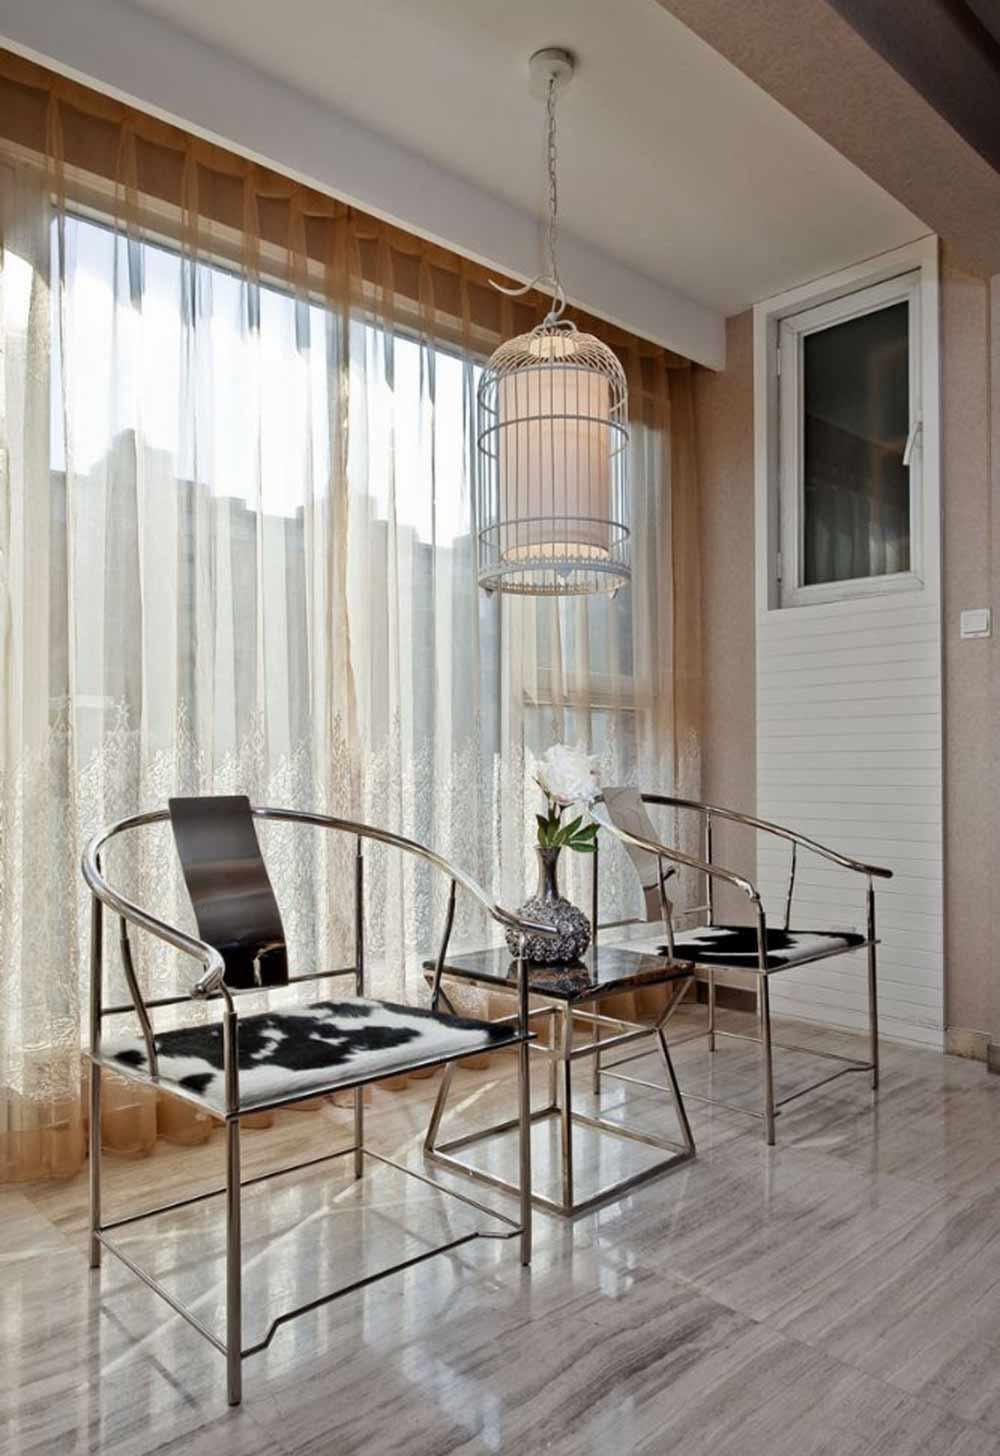 金属质感新古典风格休闲区装修设计